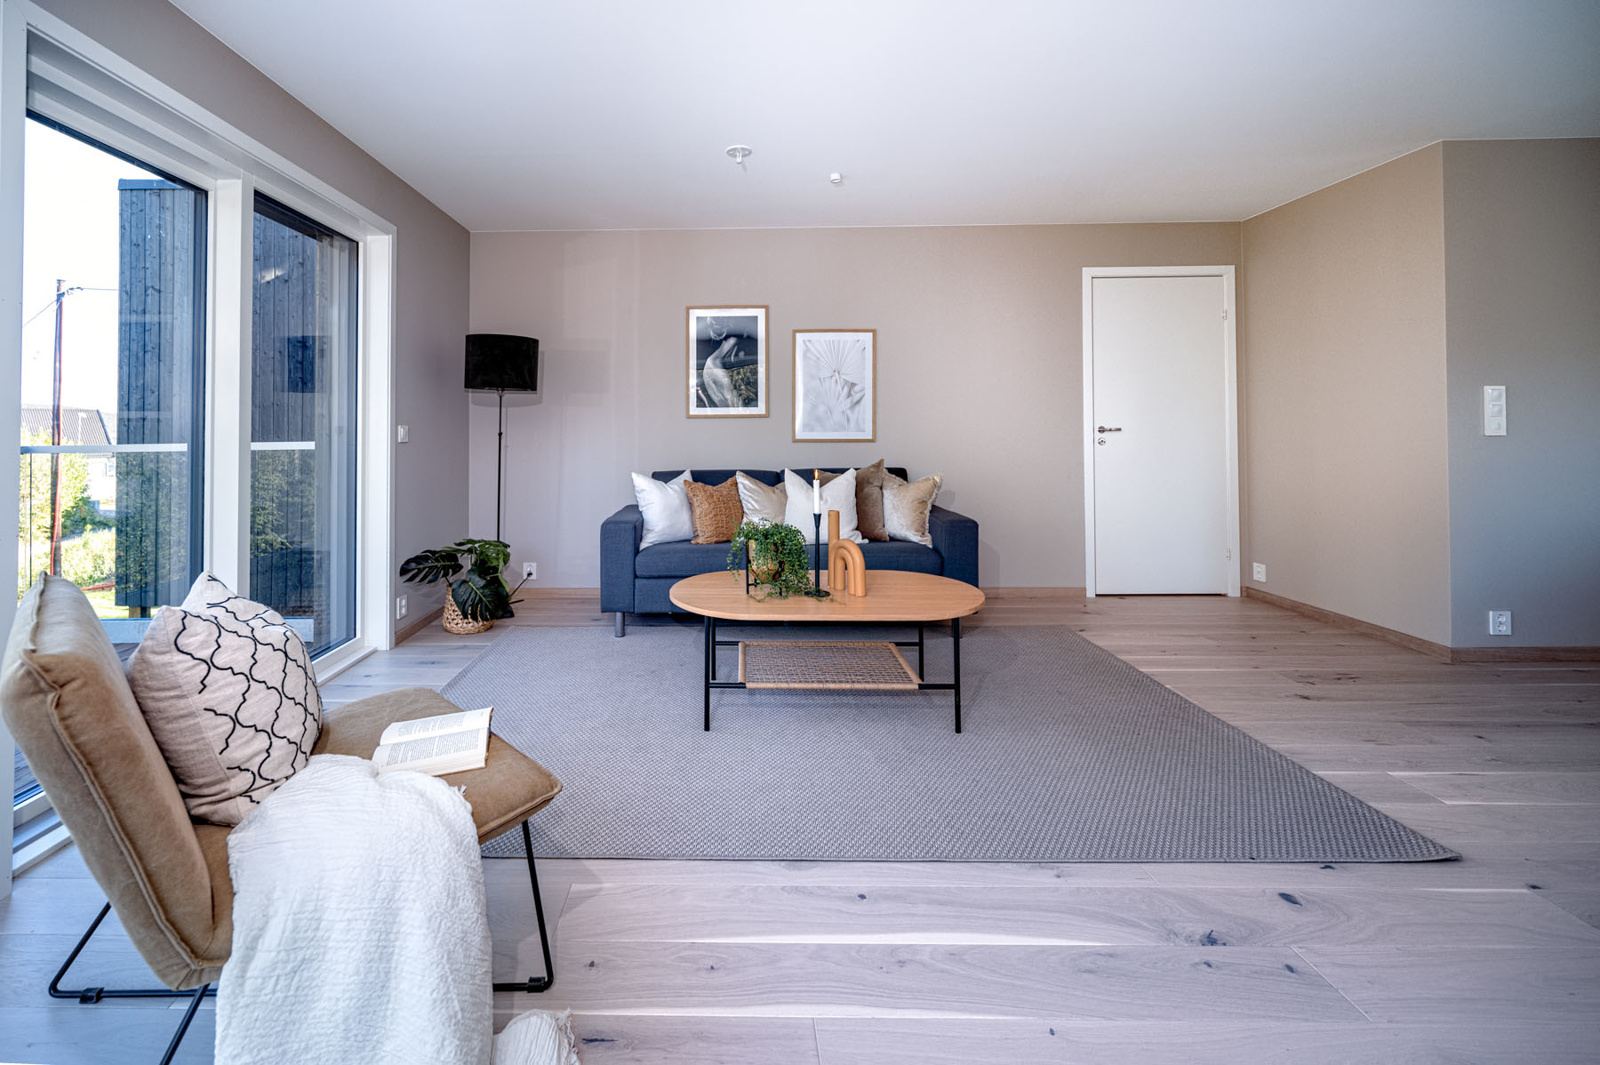 Stue. Inn det hvite døren er det en liten mellomgang, ett soverom, og badet.